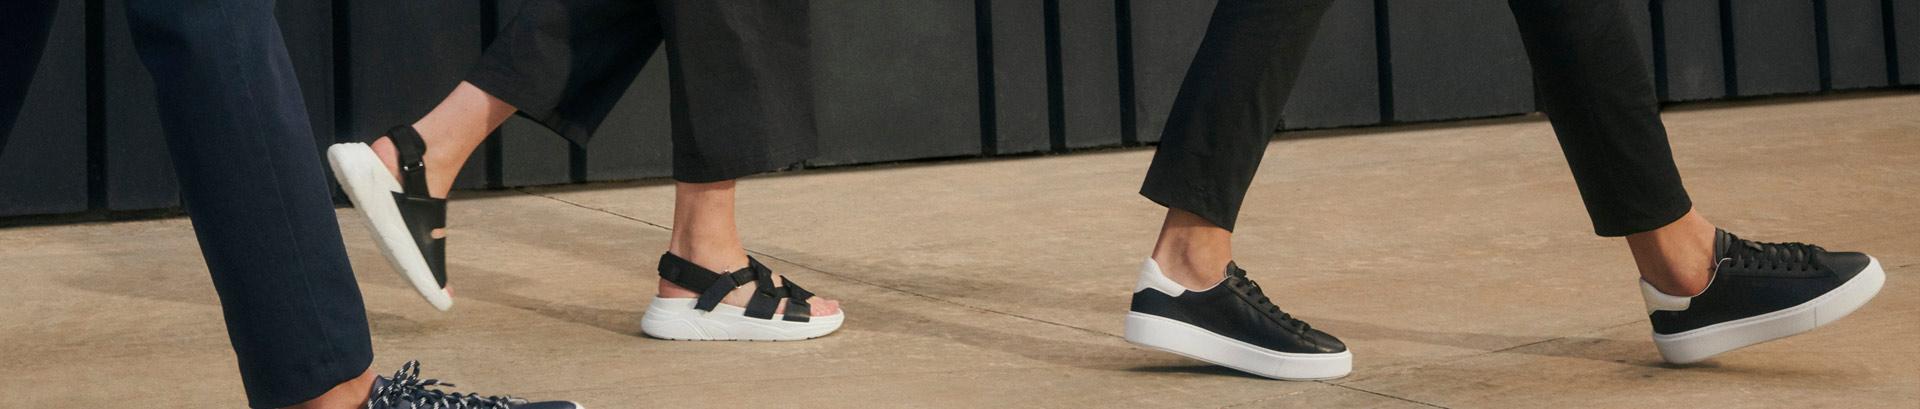 Bekijk en Bestel Woolrich Footwear bij Bloom Fashion in Laren